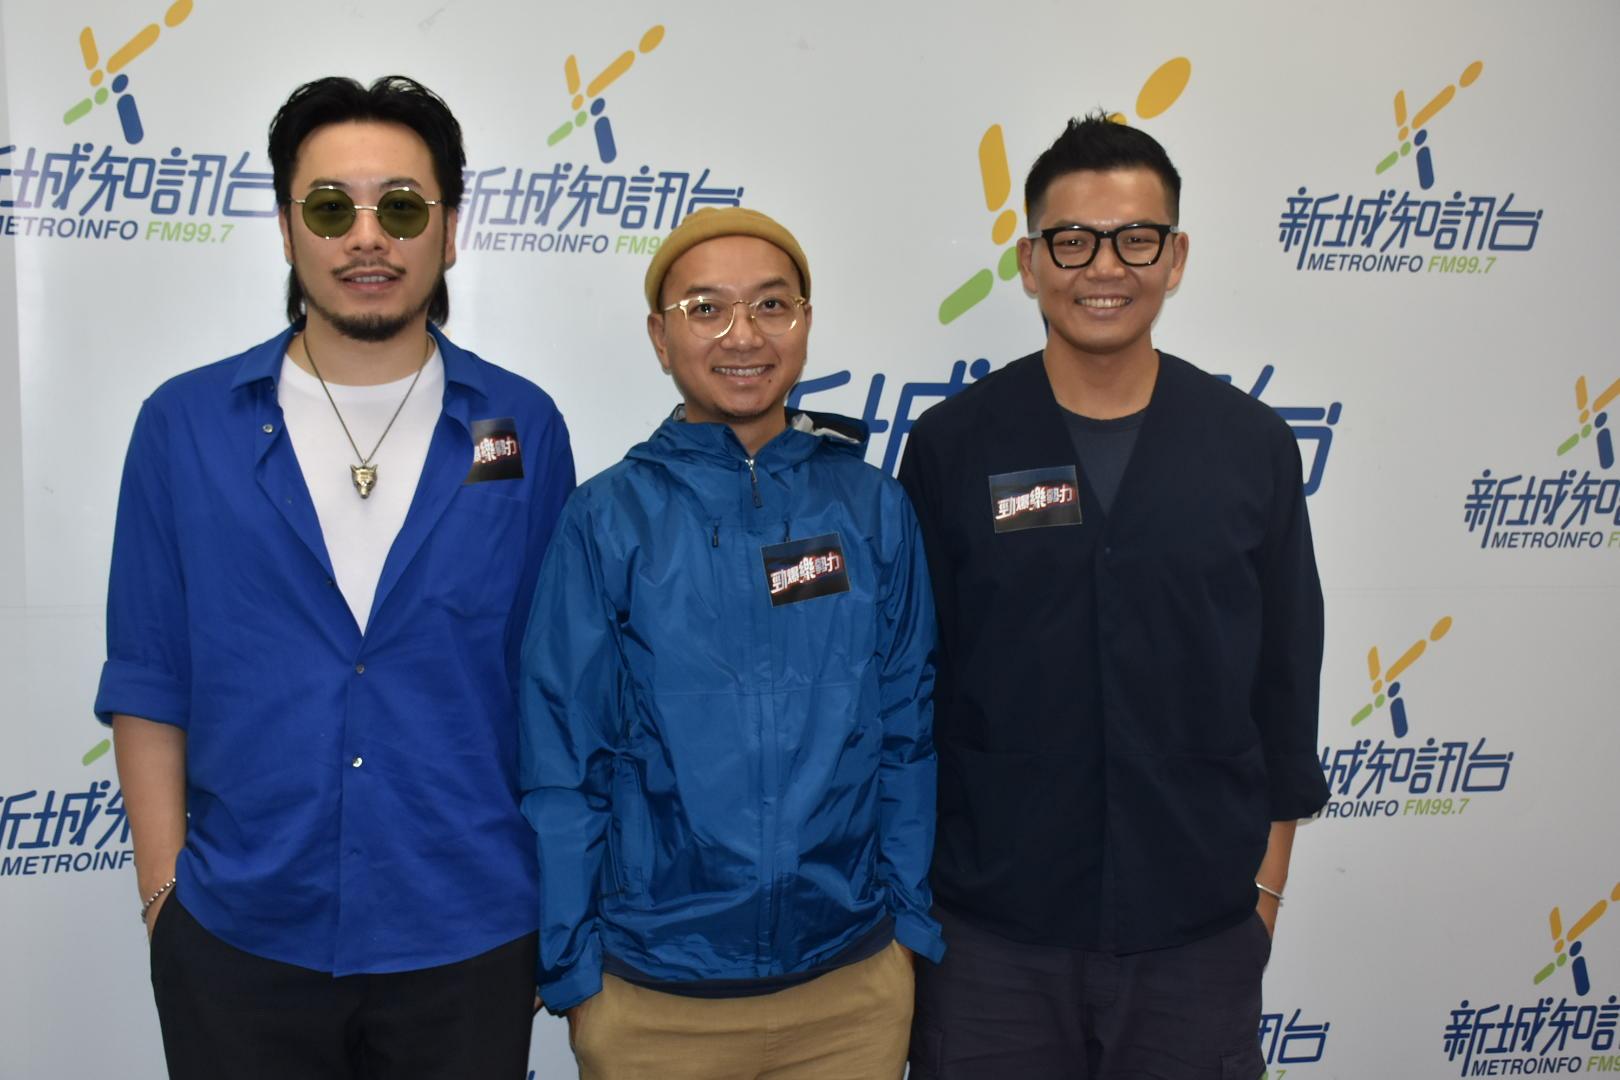 樂隊Yellow三位成員到電台為新歌「相聚一刻」宣傳。